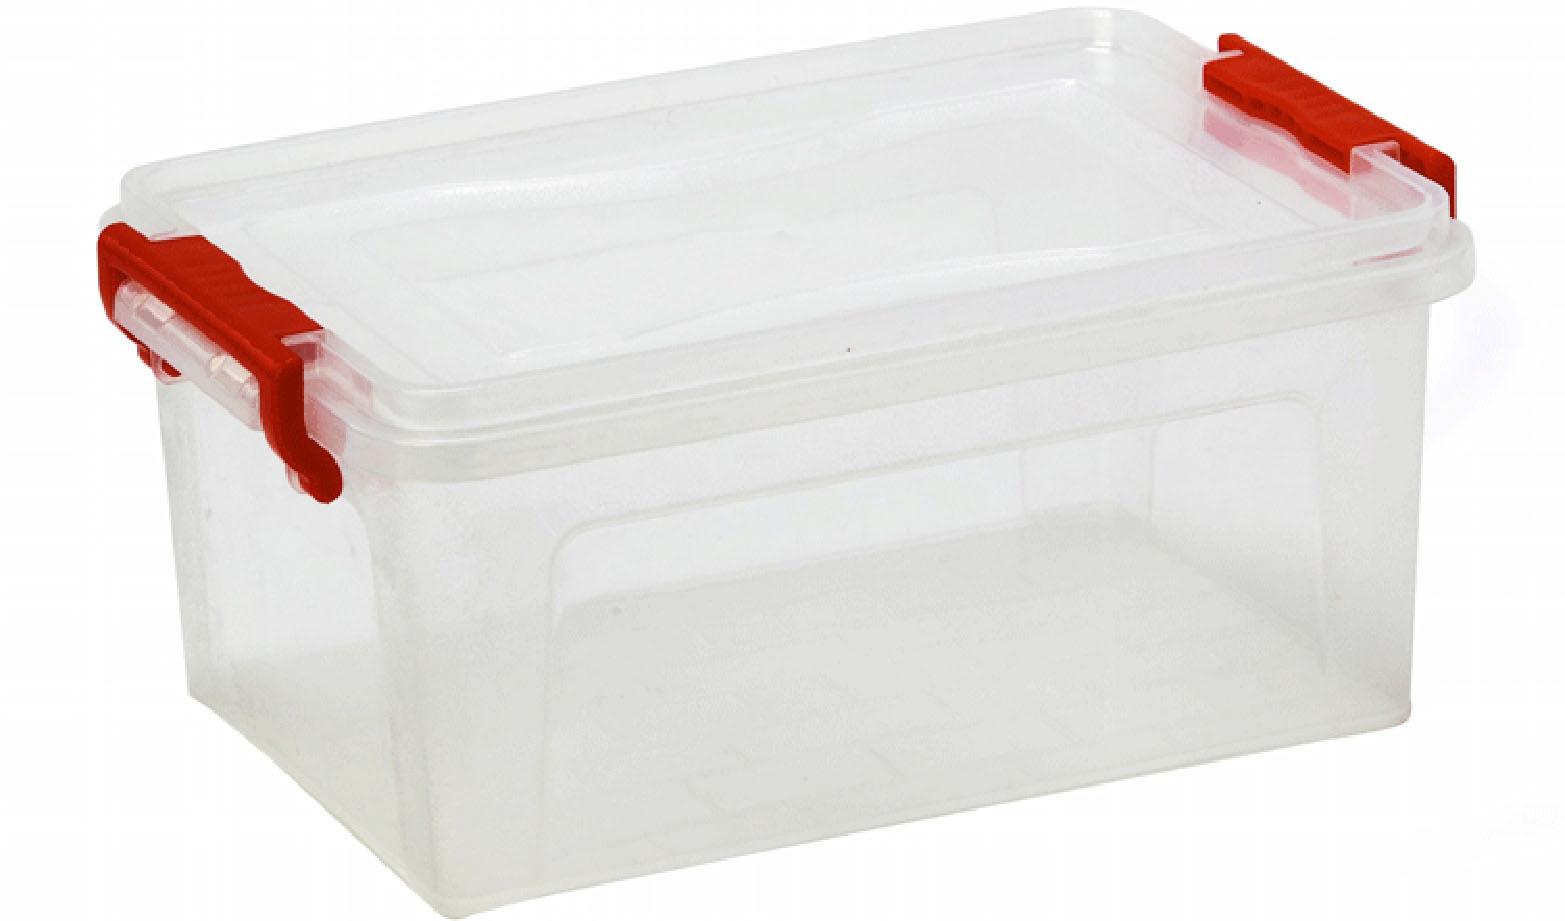 Контейнер для хранения Idea, цвет: прозрачный, 5,3 лМ 2864Контейнер для хранения Idea выполнен из высококачественного пластика. Контейнер снабжен двумя фиксаторами по бокам, придающими дополнительную надежность закрывания крышки. Вместительный контейнер позволит сохранить различные нужные вещи в порядке, а герметичная крышка предотвратит случайное открывание, защитит содержимое от пыли и грязи.